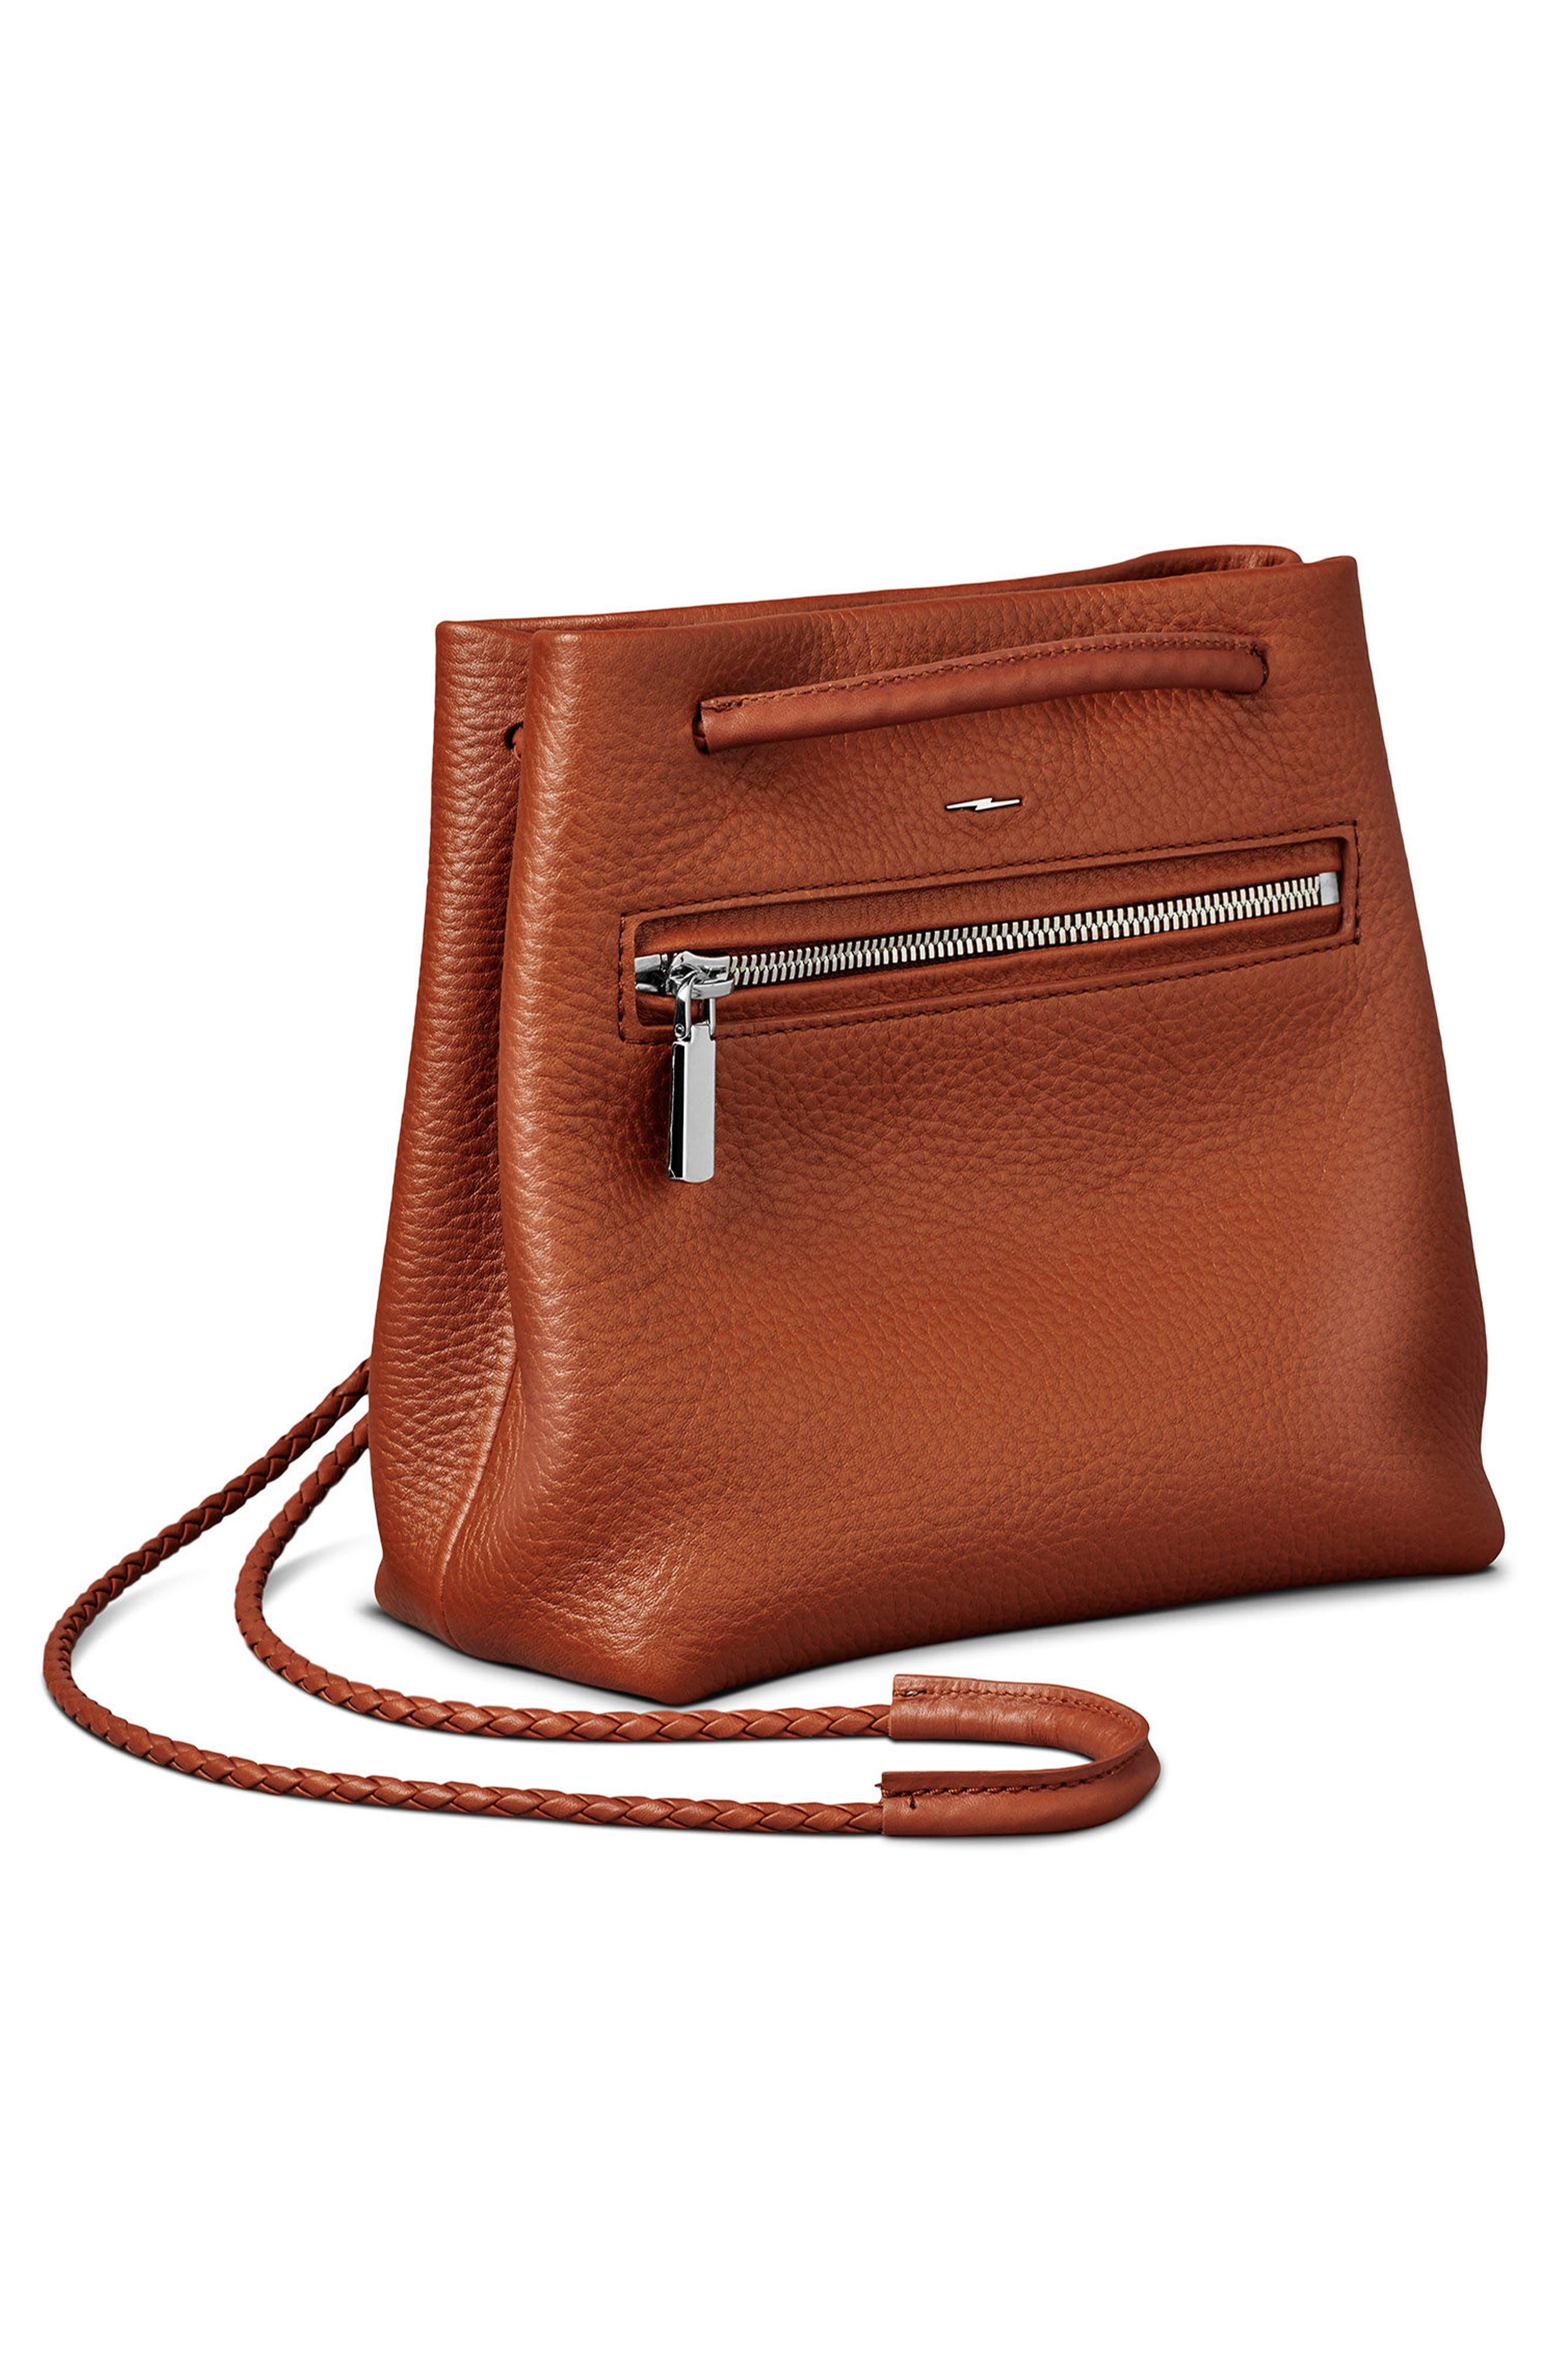 Mini Pebbled Leather Drawstring Crossbody Bag,                             Alternate thumbnail 18, color,